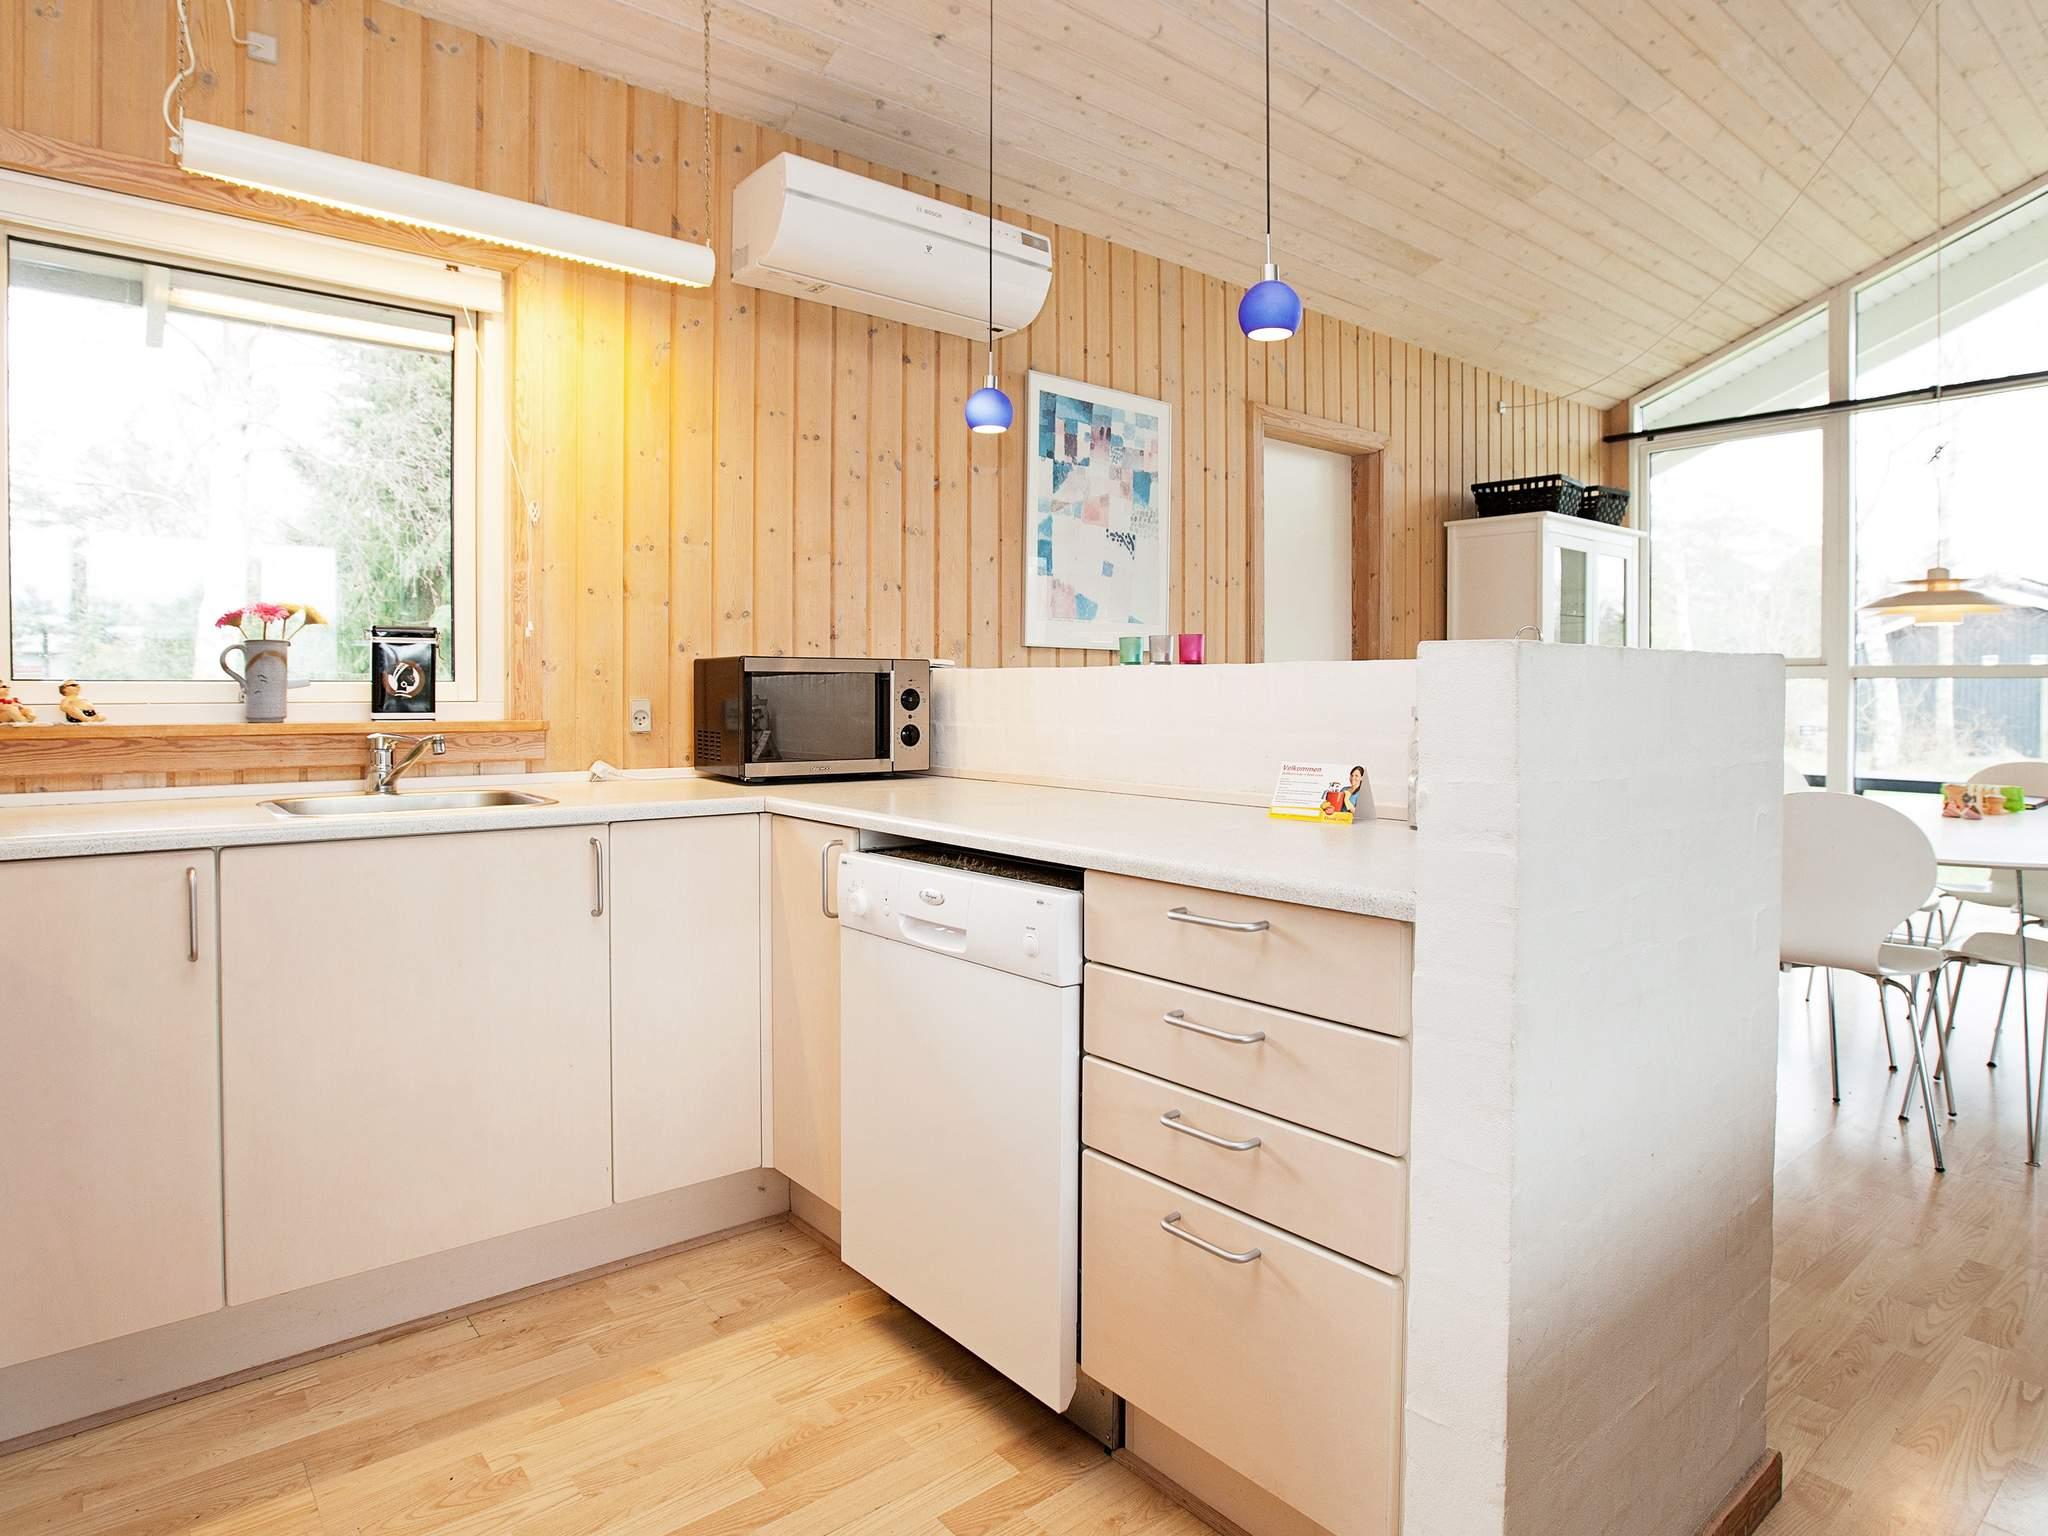 Ferienhaus Marielyst (82830), Marielyst, , Falster, Dänemark, Bild 7